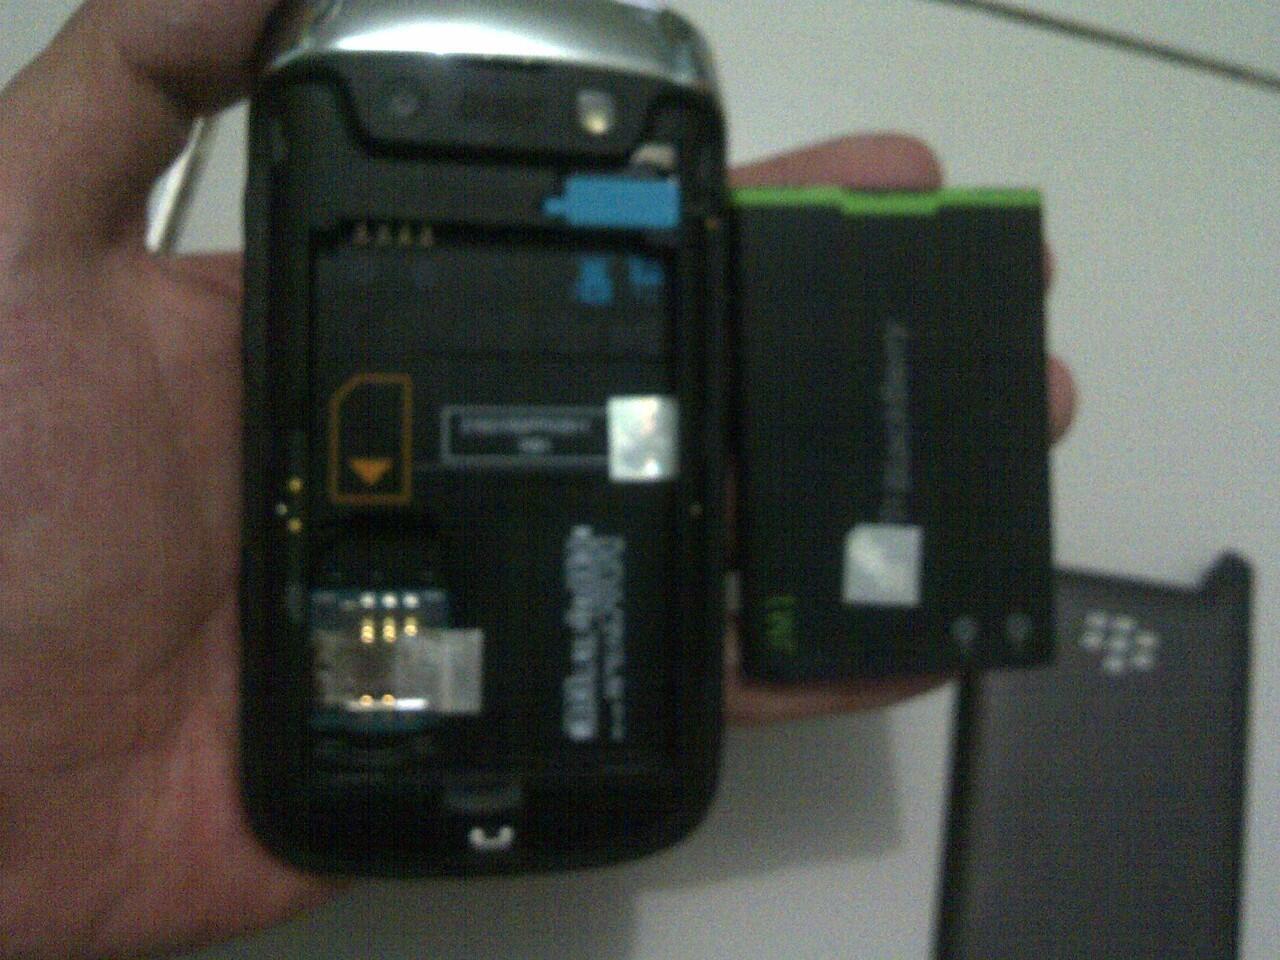 WTS jual blackberry belagio 9790 black garansi TAM mulus baru pake 2 bln